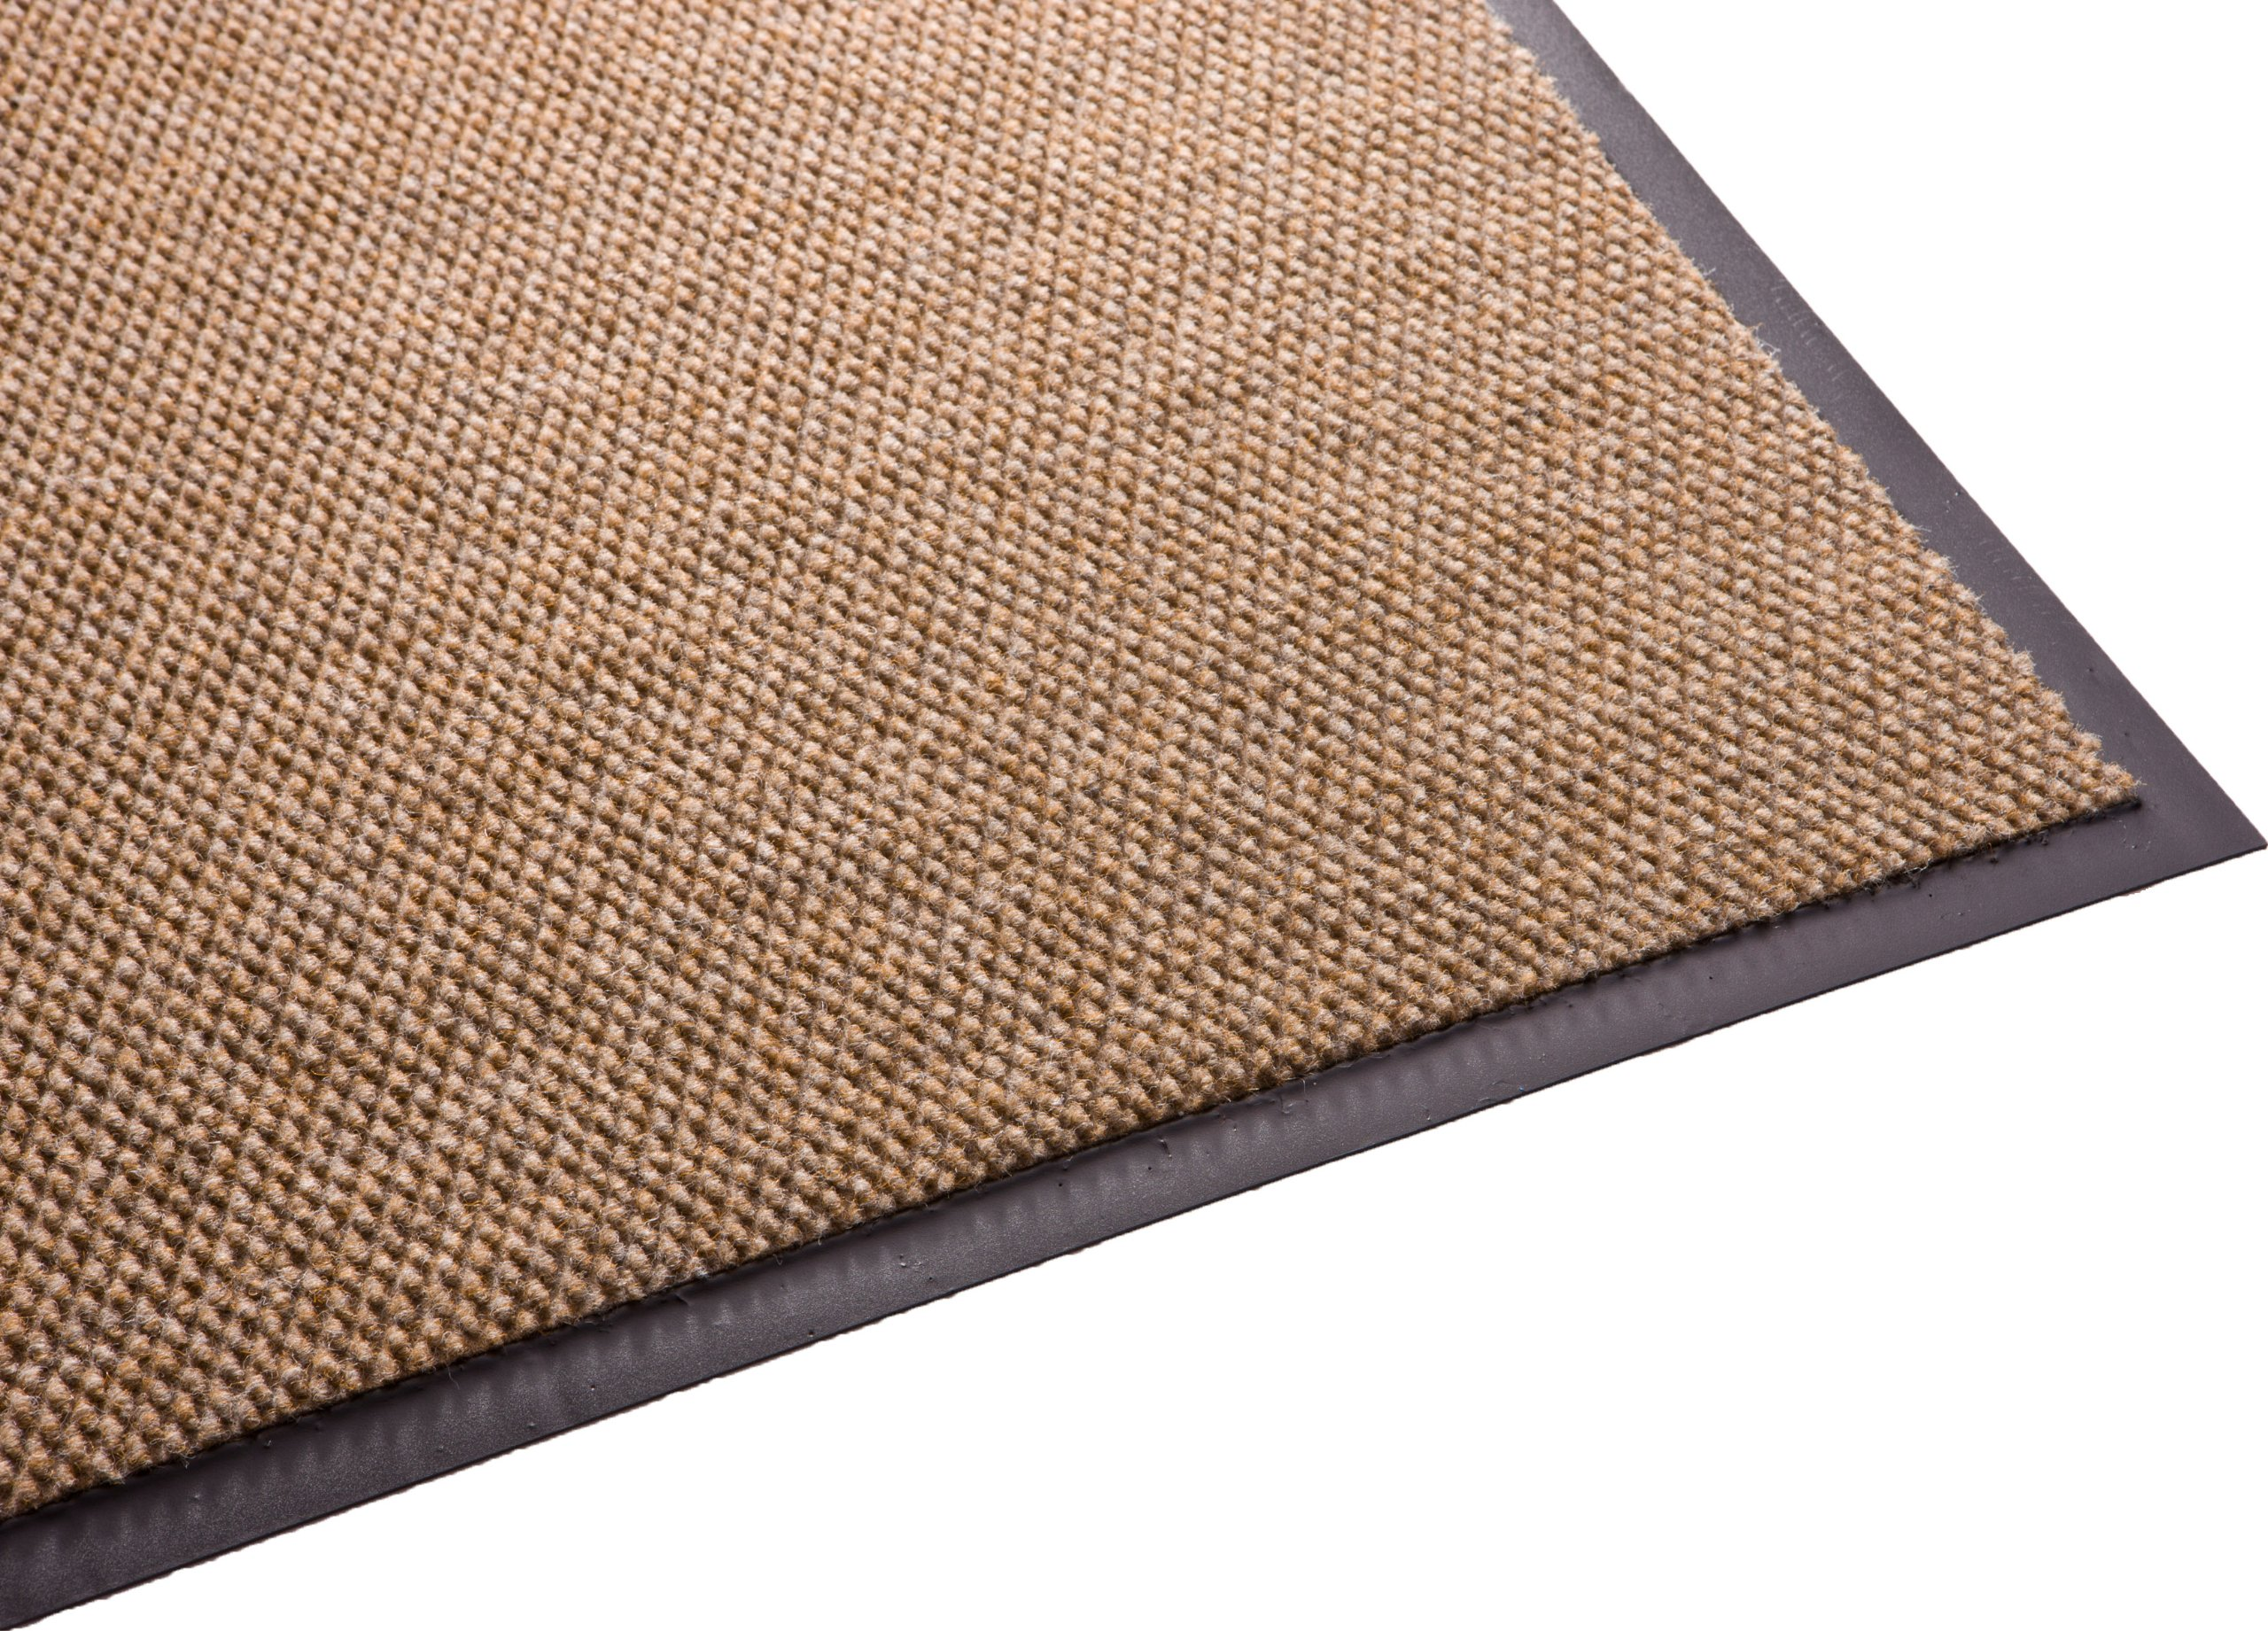 Guardian Golden Series Hobnail Indoor Wiper Floor Mat, Vinyl/Polypropylene, 4'x10', Sand